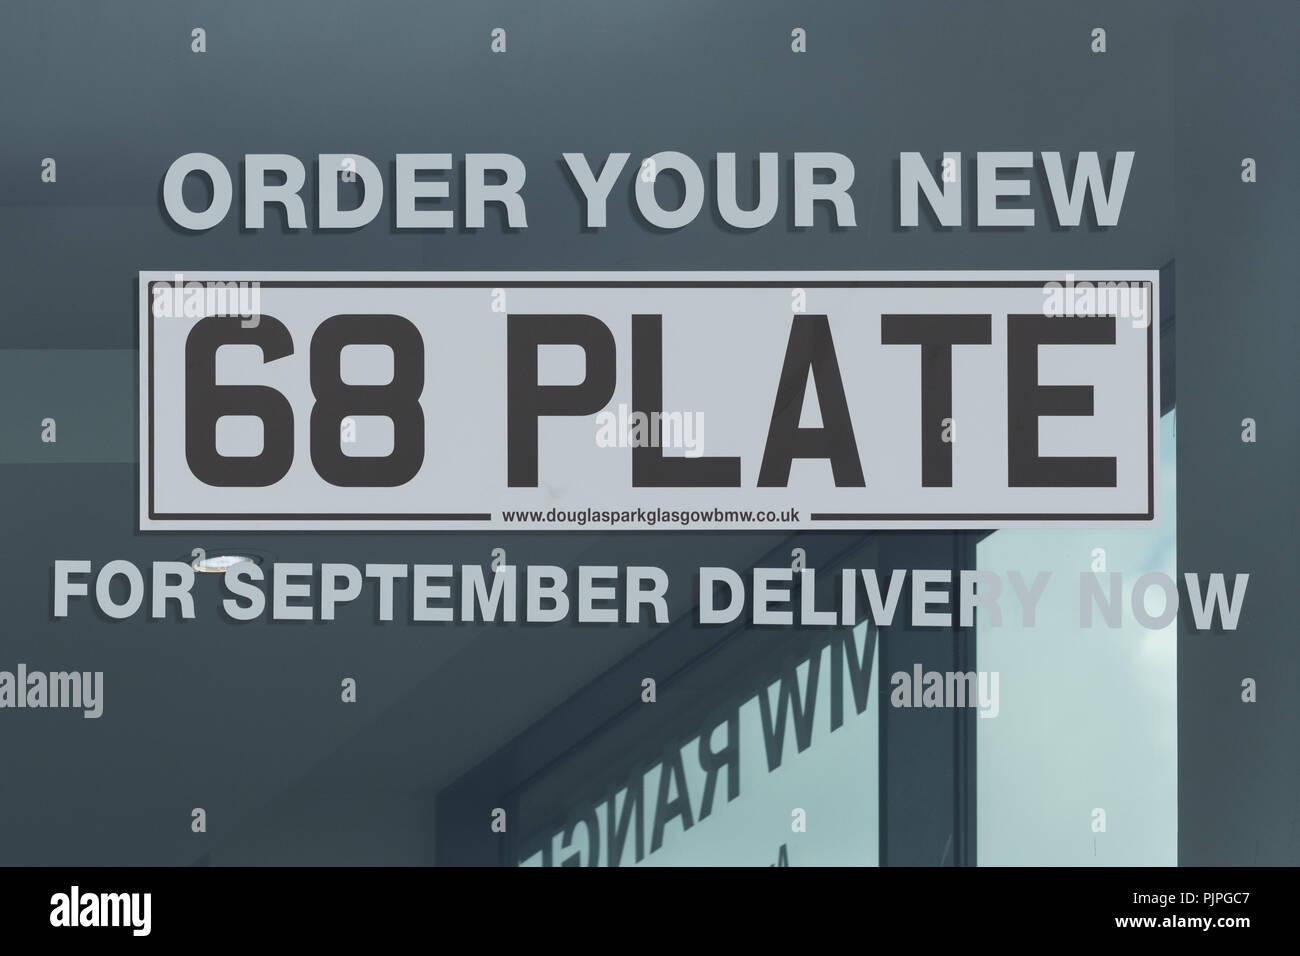 68 neue Auto Nummernschild Werbung am Auto Dealership uk Stockbild